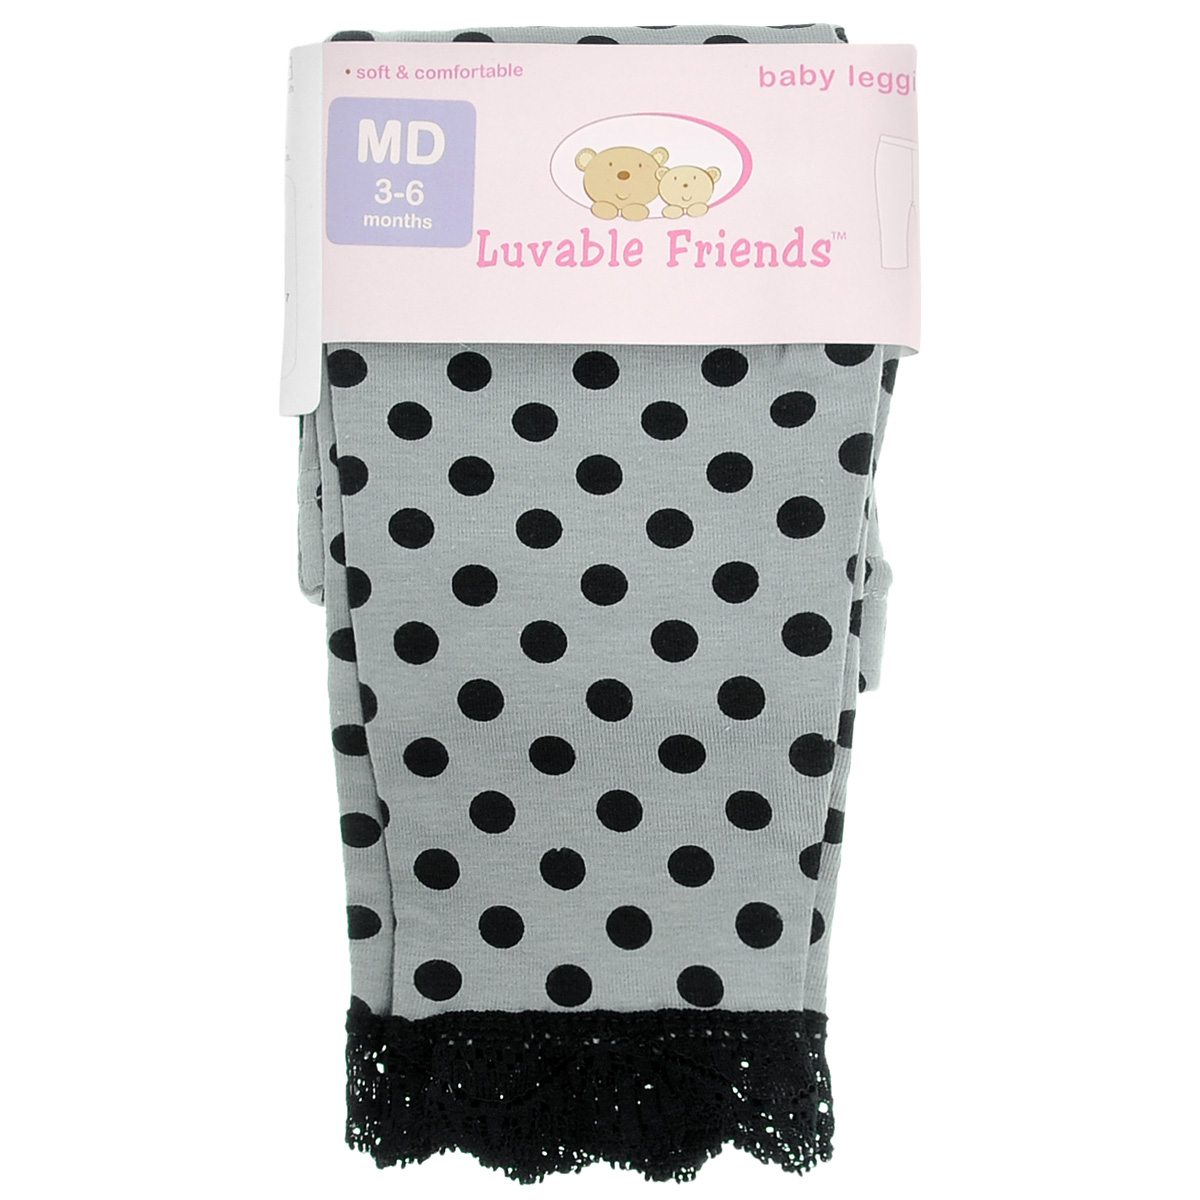 Леггинсы для девочки Luvable Friends Горошек, цвет: серый, черный. 32050. Размер 61/67, 3-6 месяцев